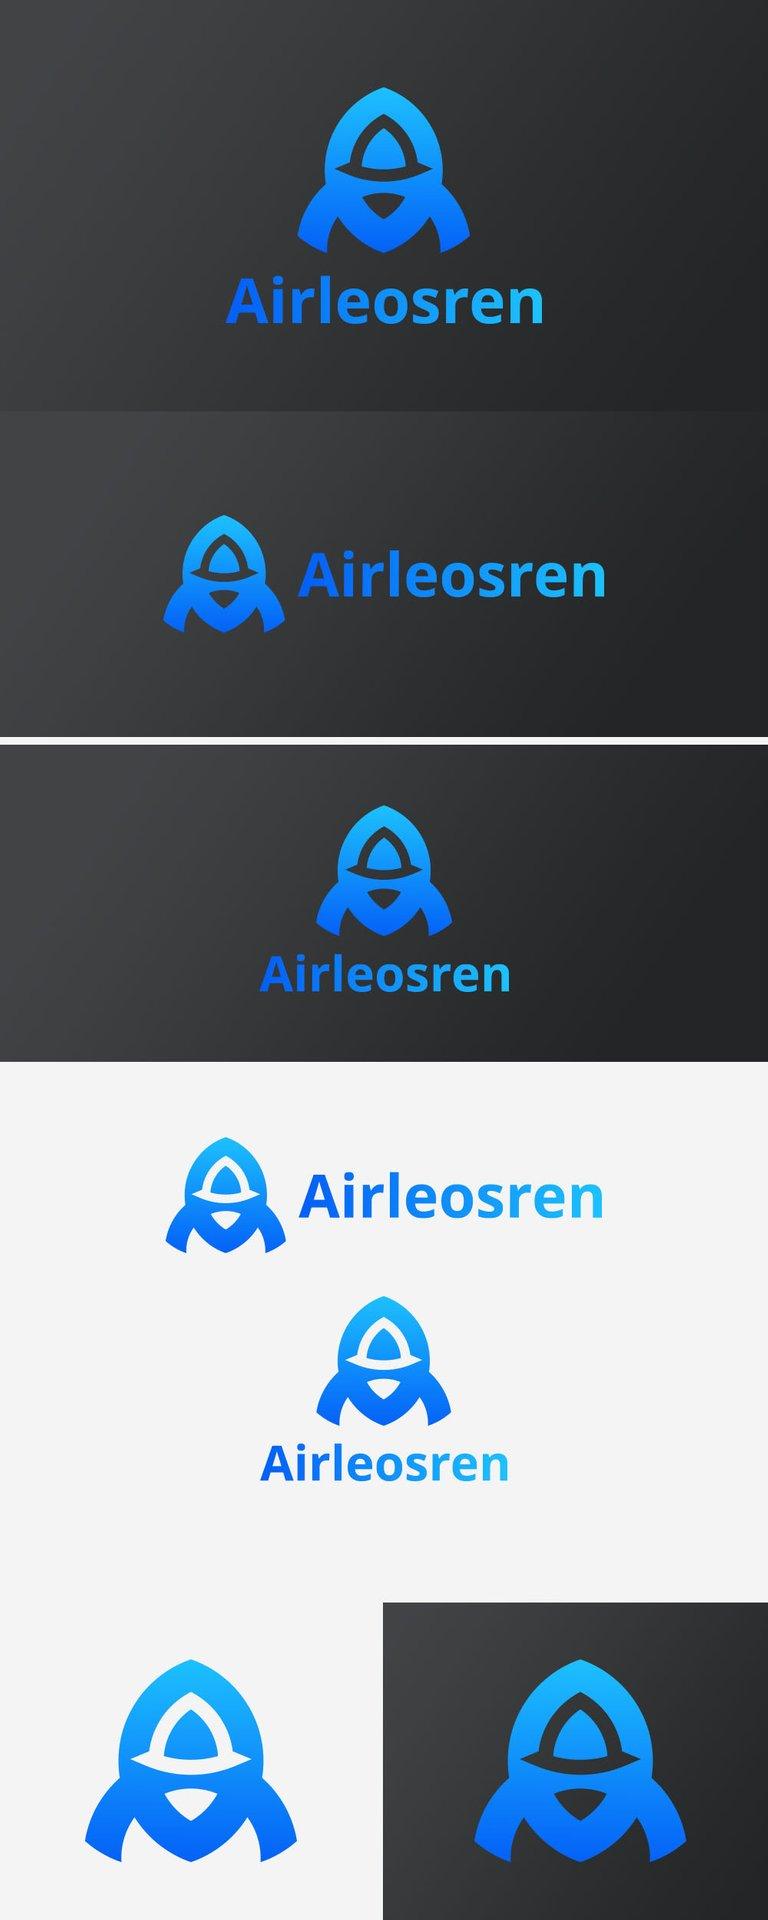 Airleosren Presentation.jpg